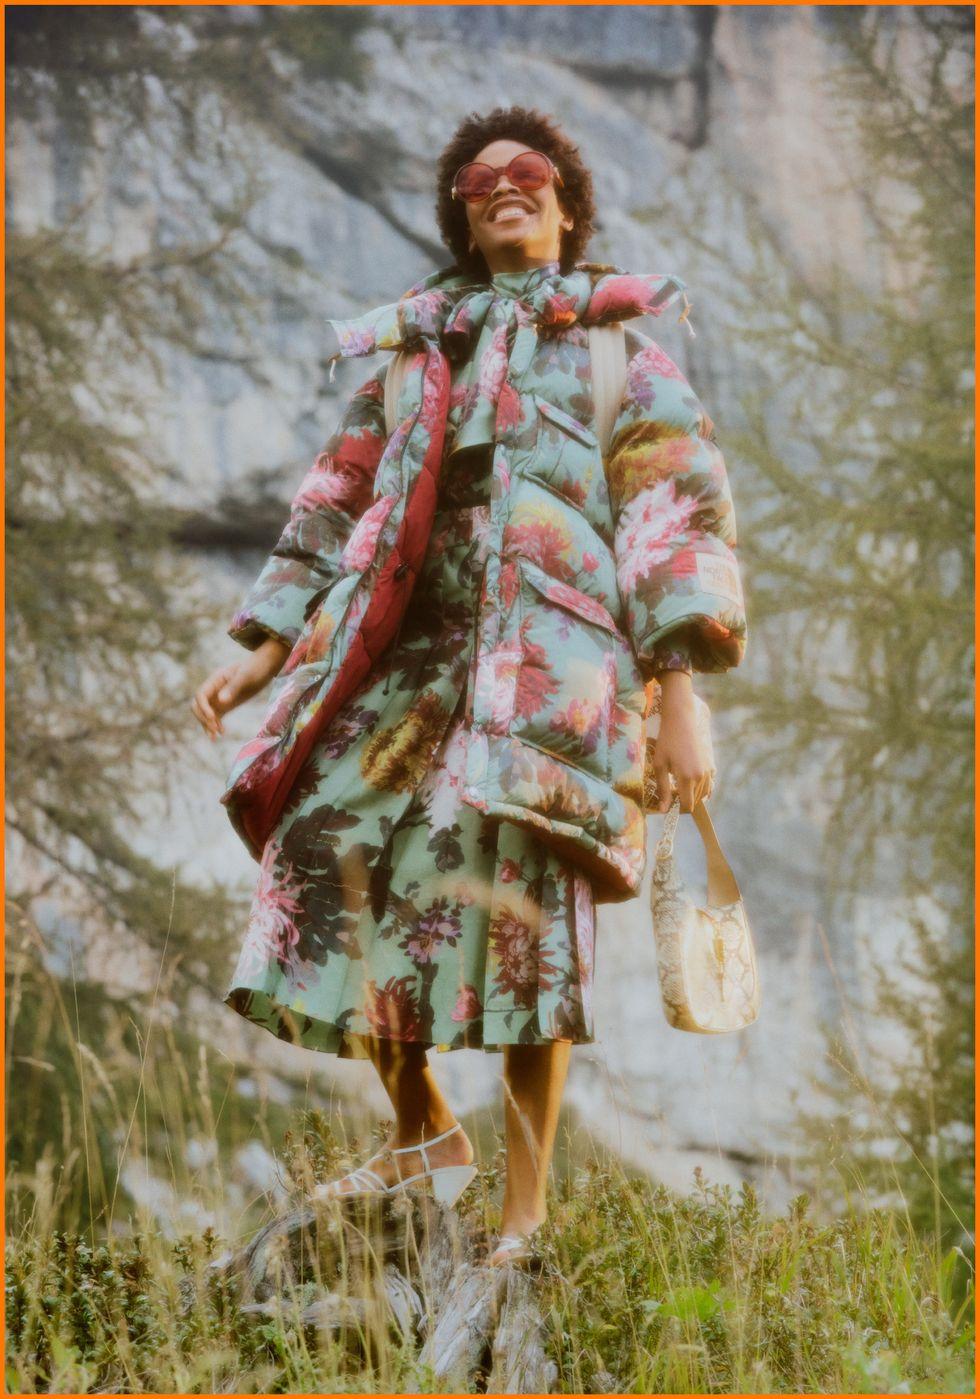 Noua colaborare a anului: Gucci alaturi de The North Face